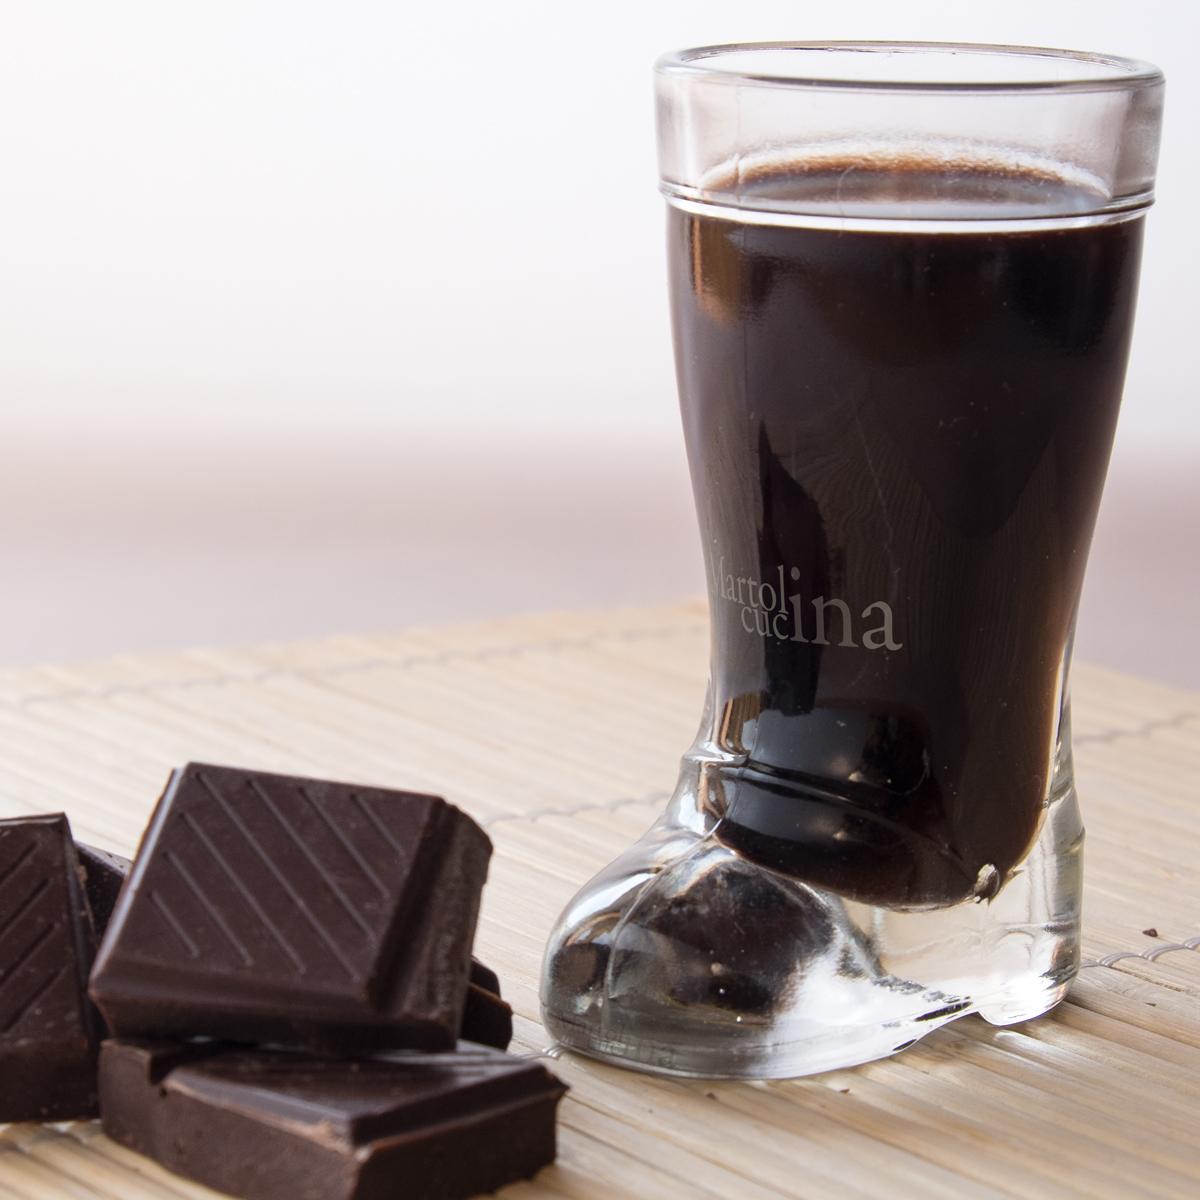 Liquore-cioccolato-1200x1200